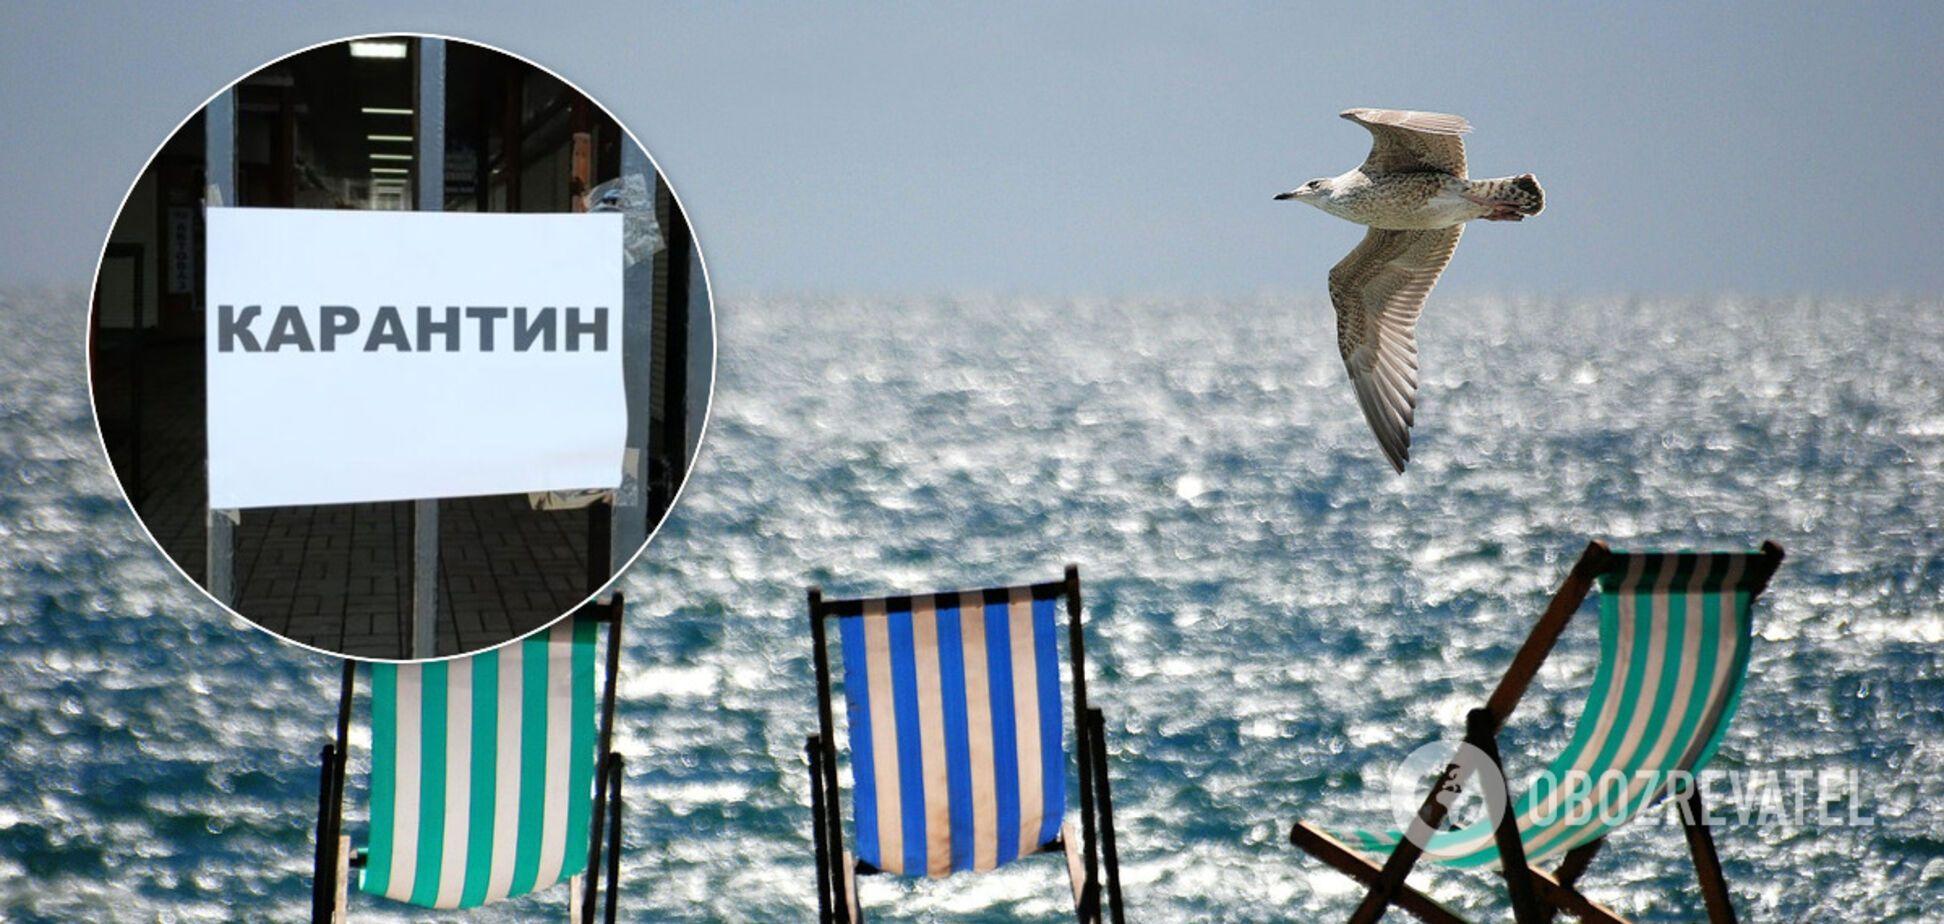 Заграница отпадает: куда поехать в Украине летом и что будет с ценами